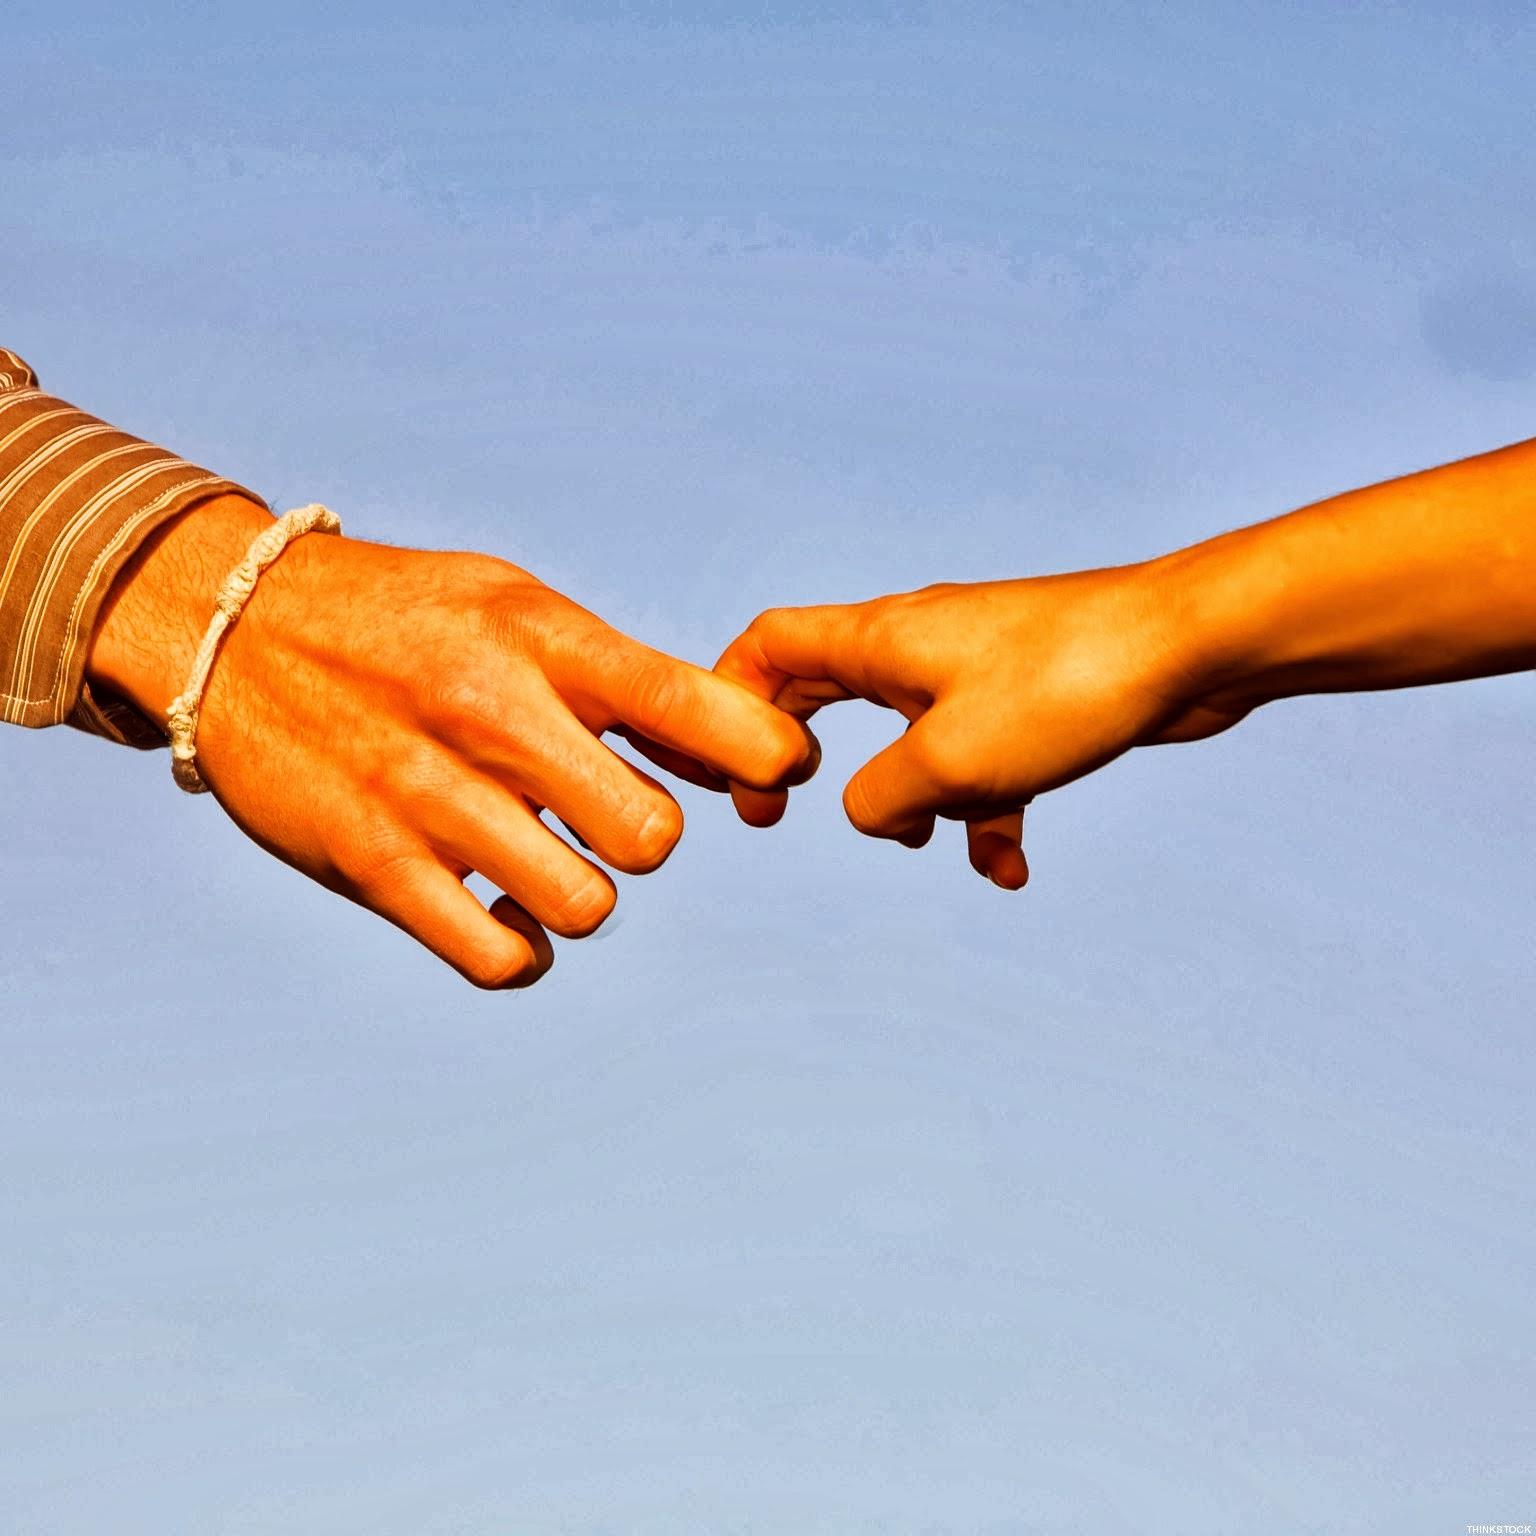 Matrimonio Catolico Derecho Canonico : Consentimiento condicionado y matrimonio derecho canónico